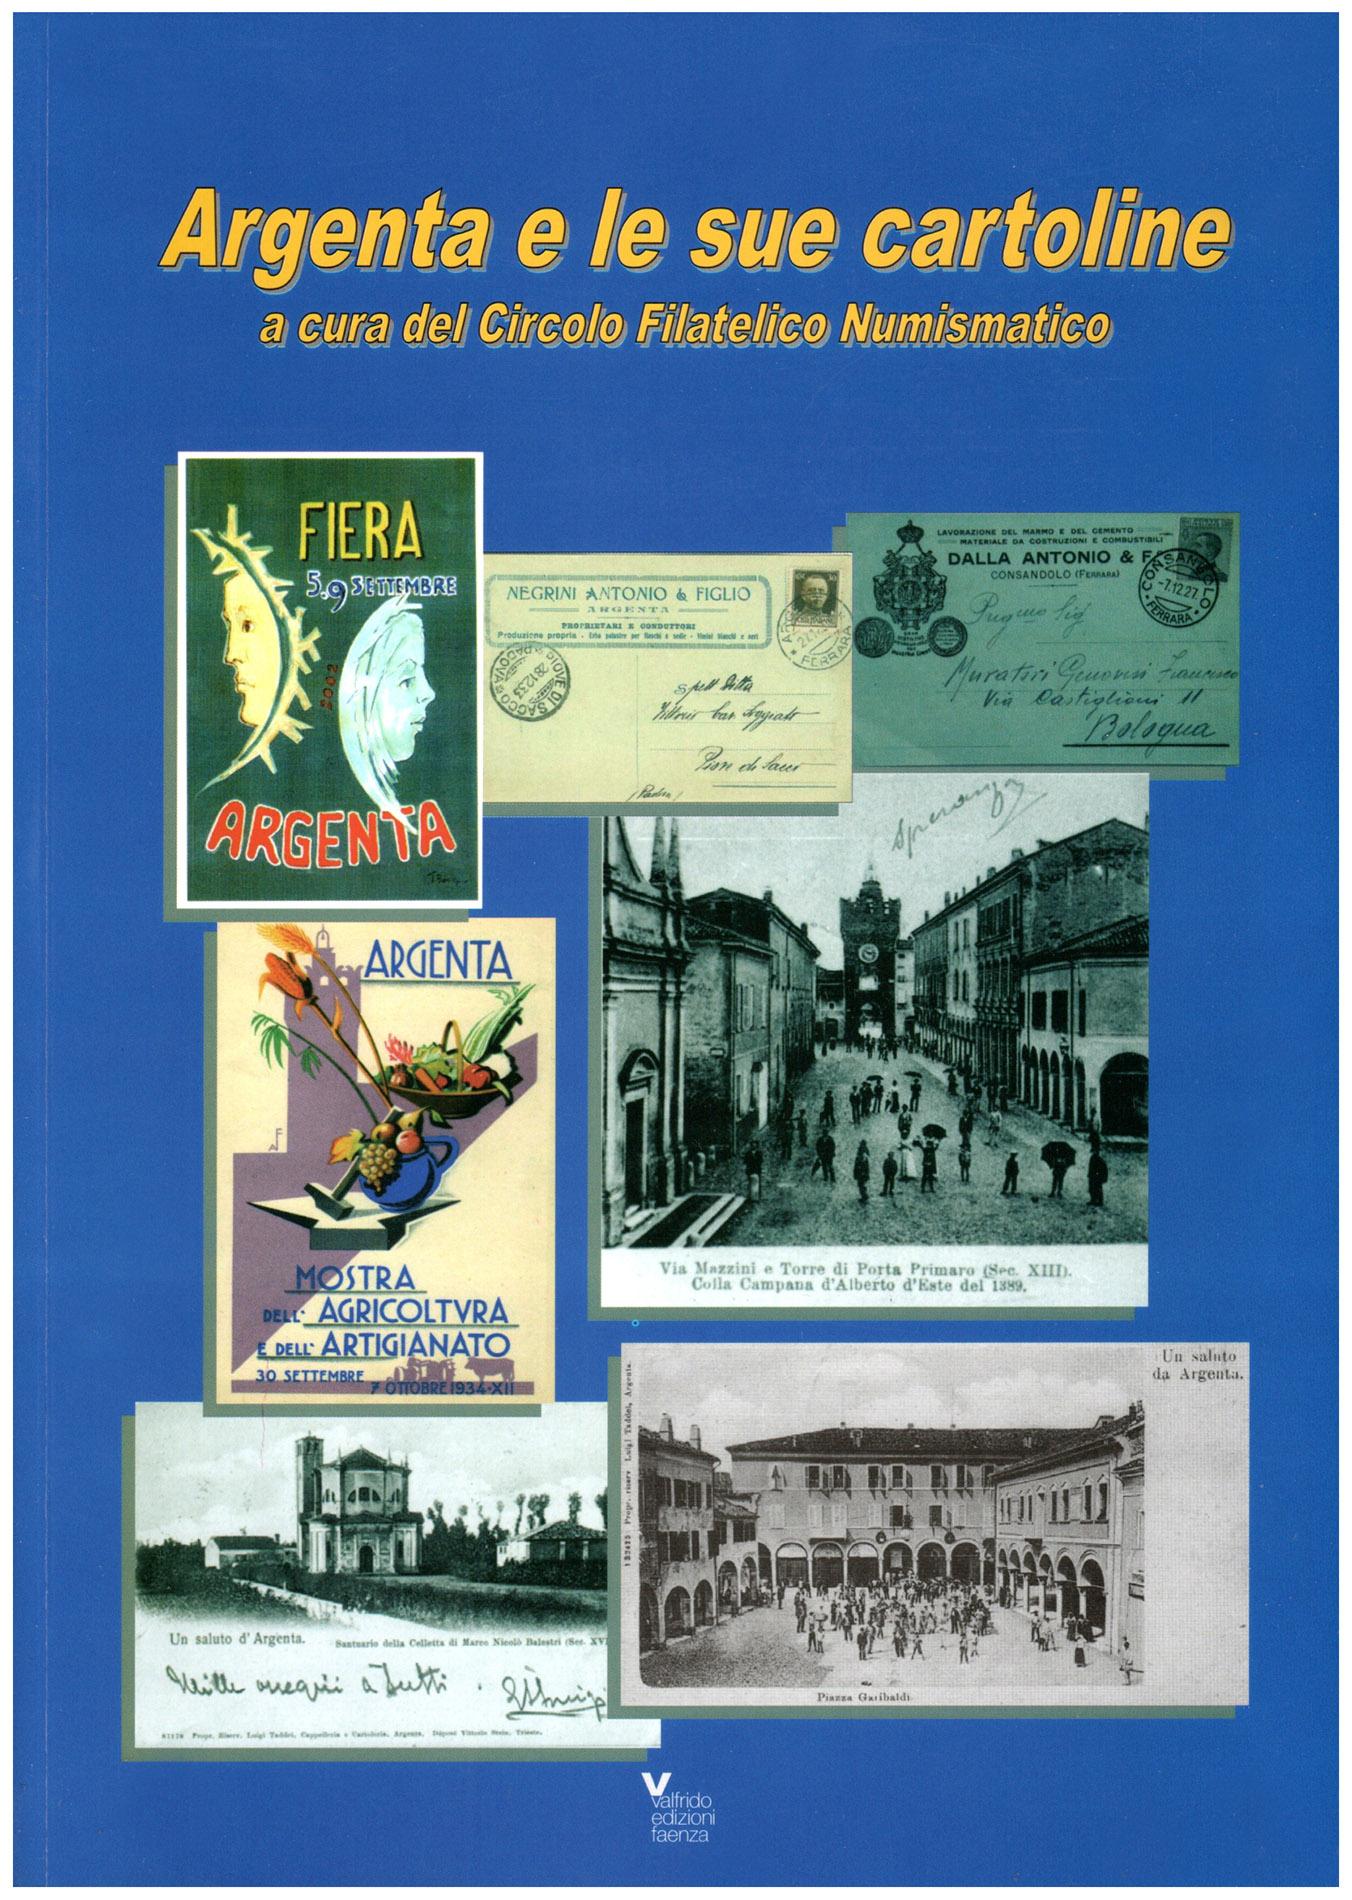 Argenta e le sue cartoline